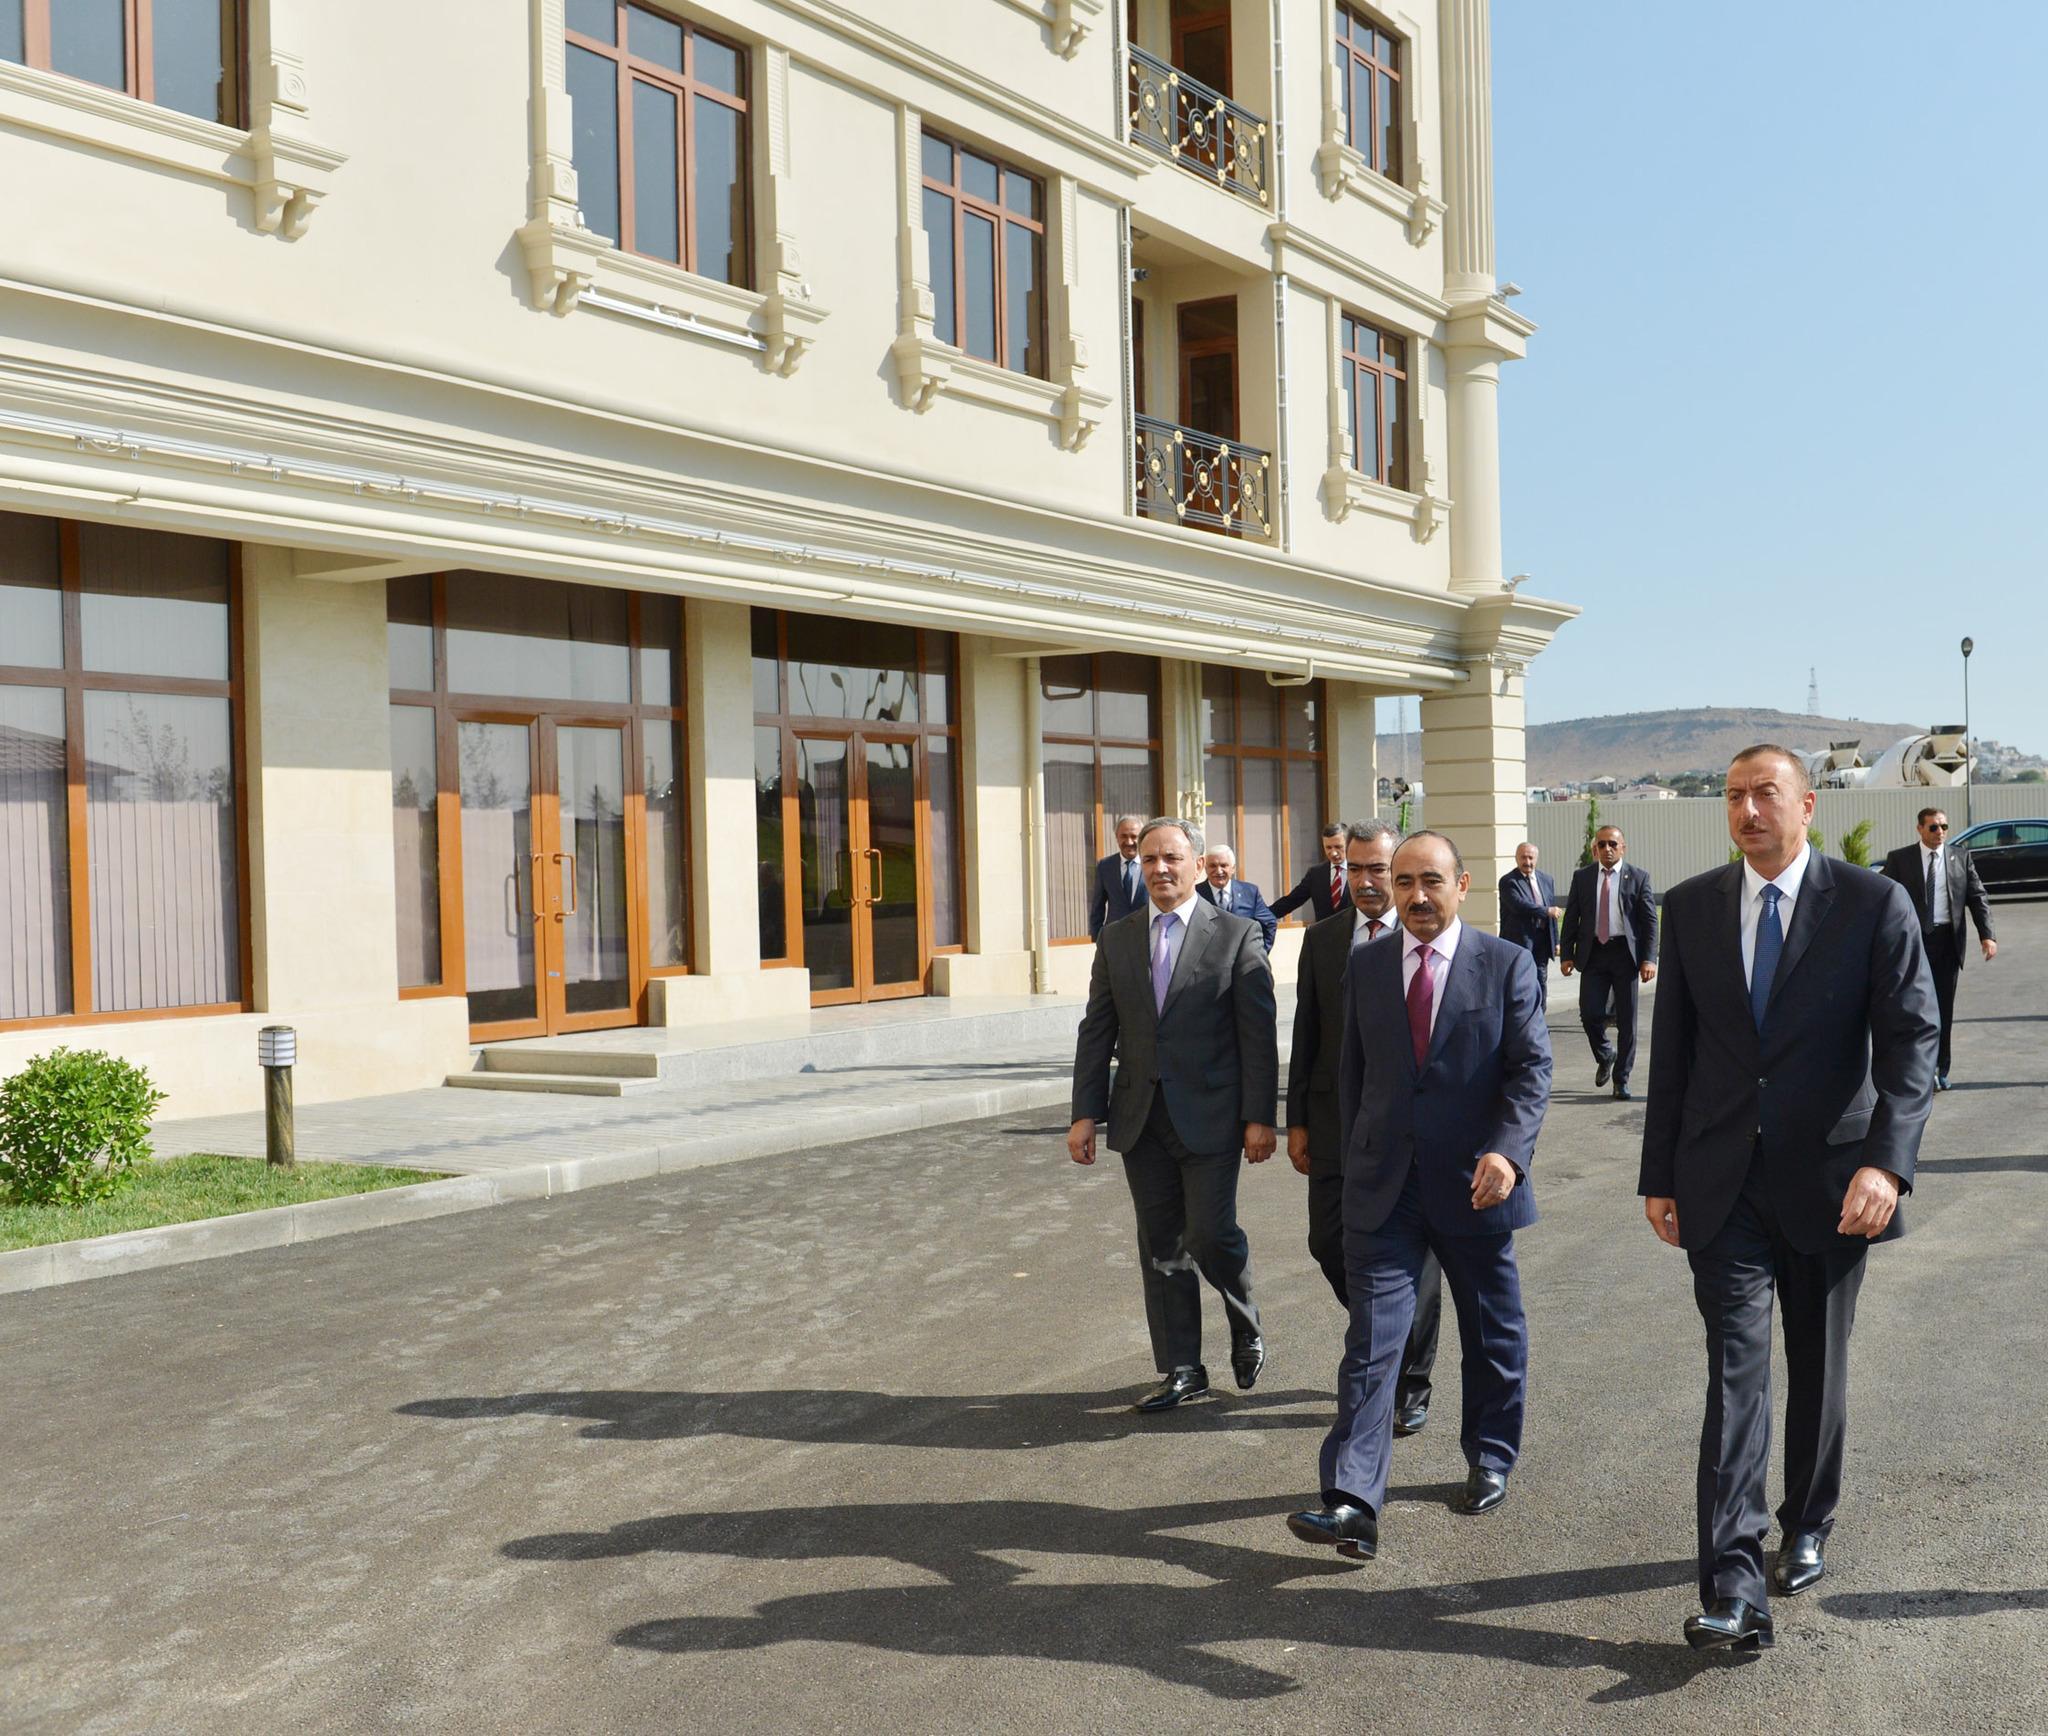 Dövlət jurnalistlərinə sahib çıxdı - Foto 4